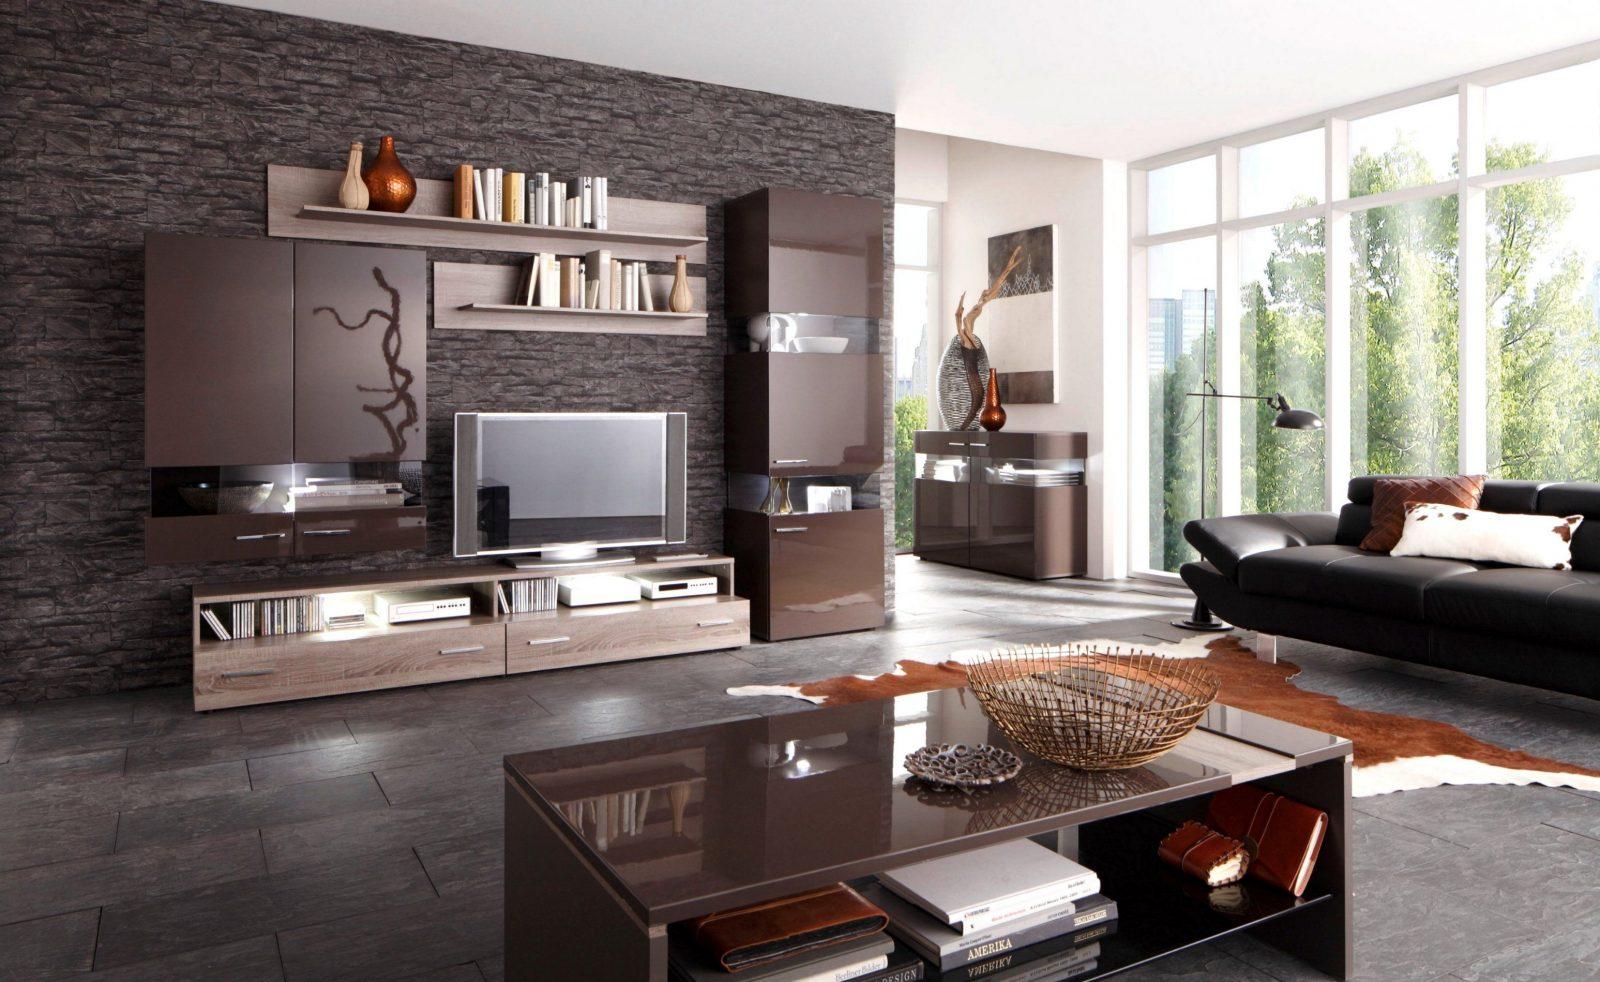 Wunderschöne Dunkle Möbel Weiß Streichen – Cblonline von Dunkle Möbel Weiß Streichen Bild